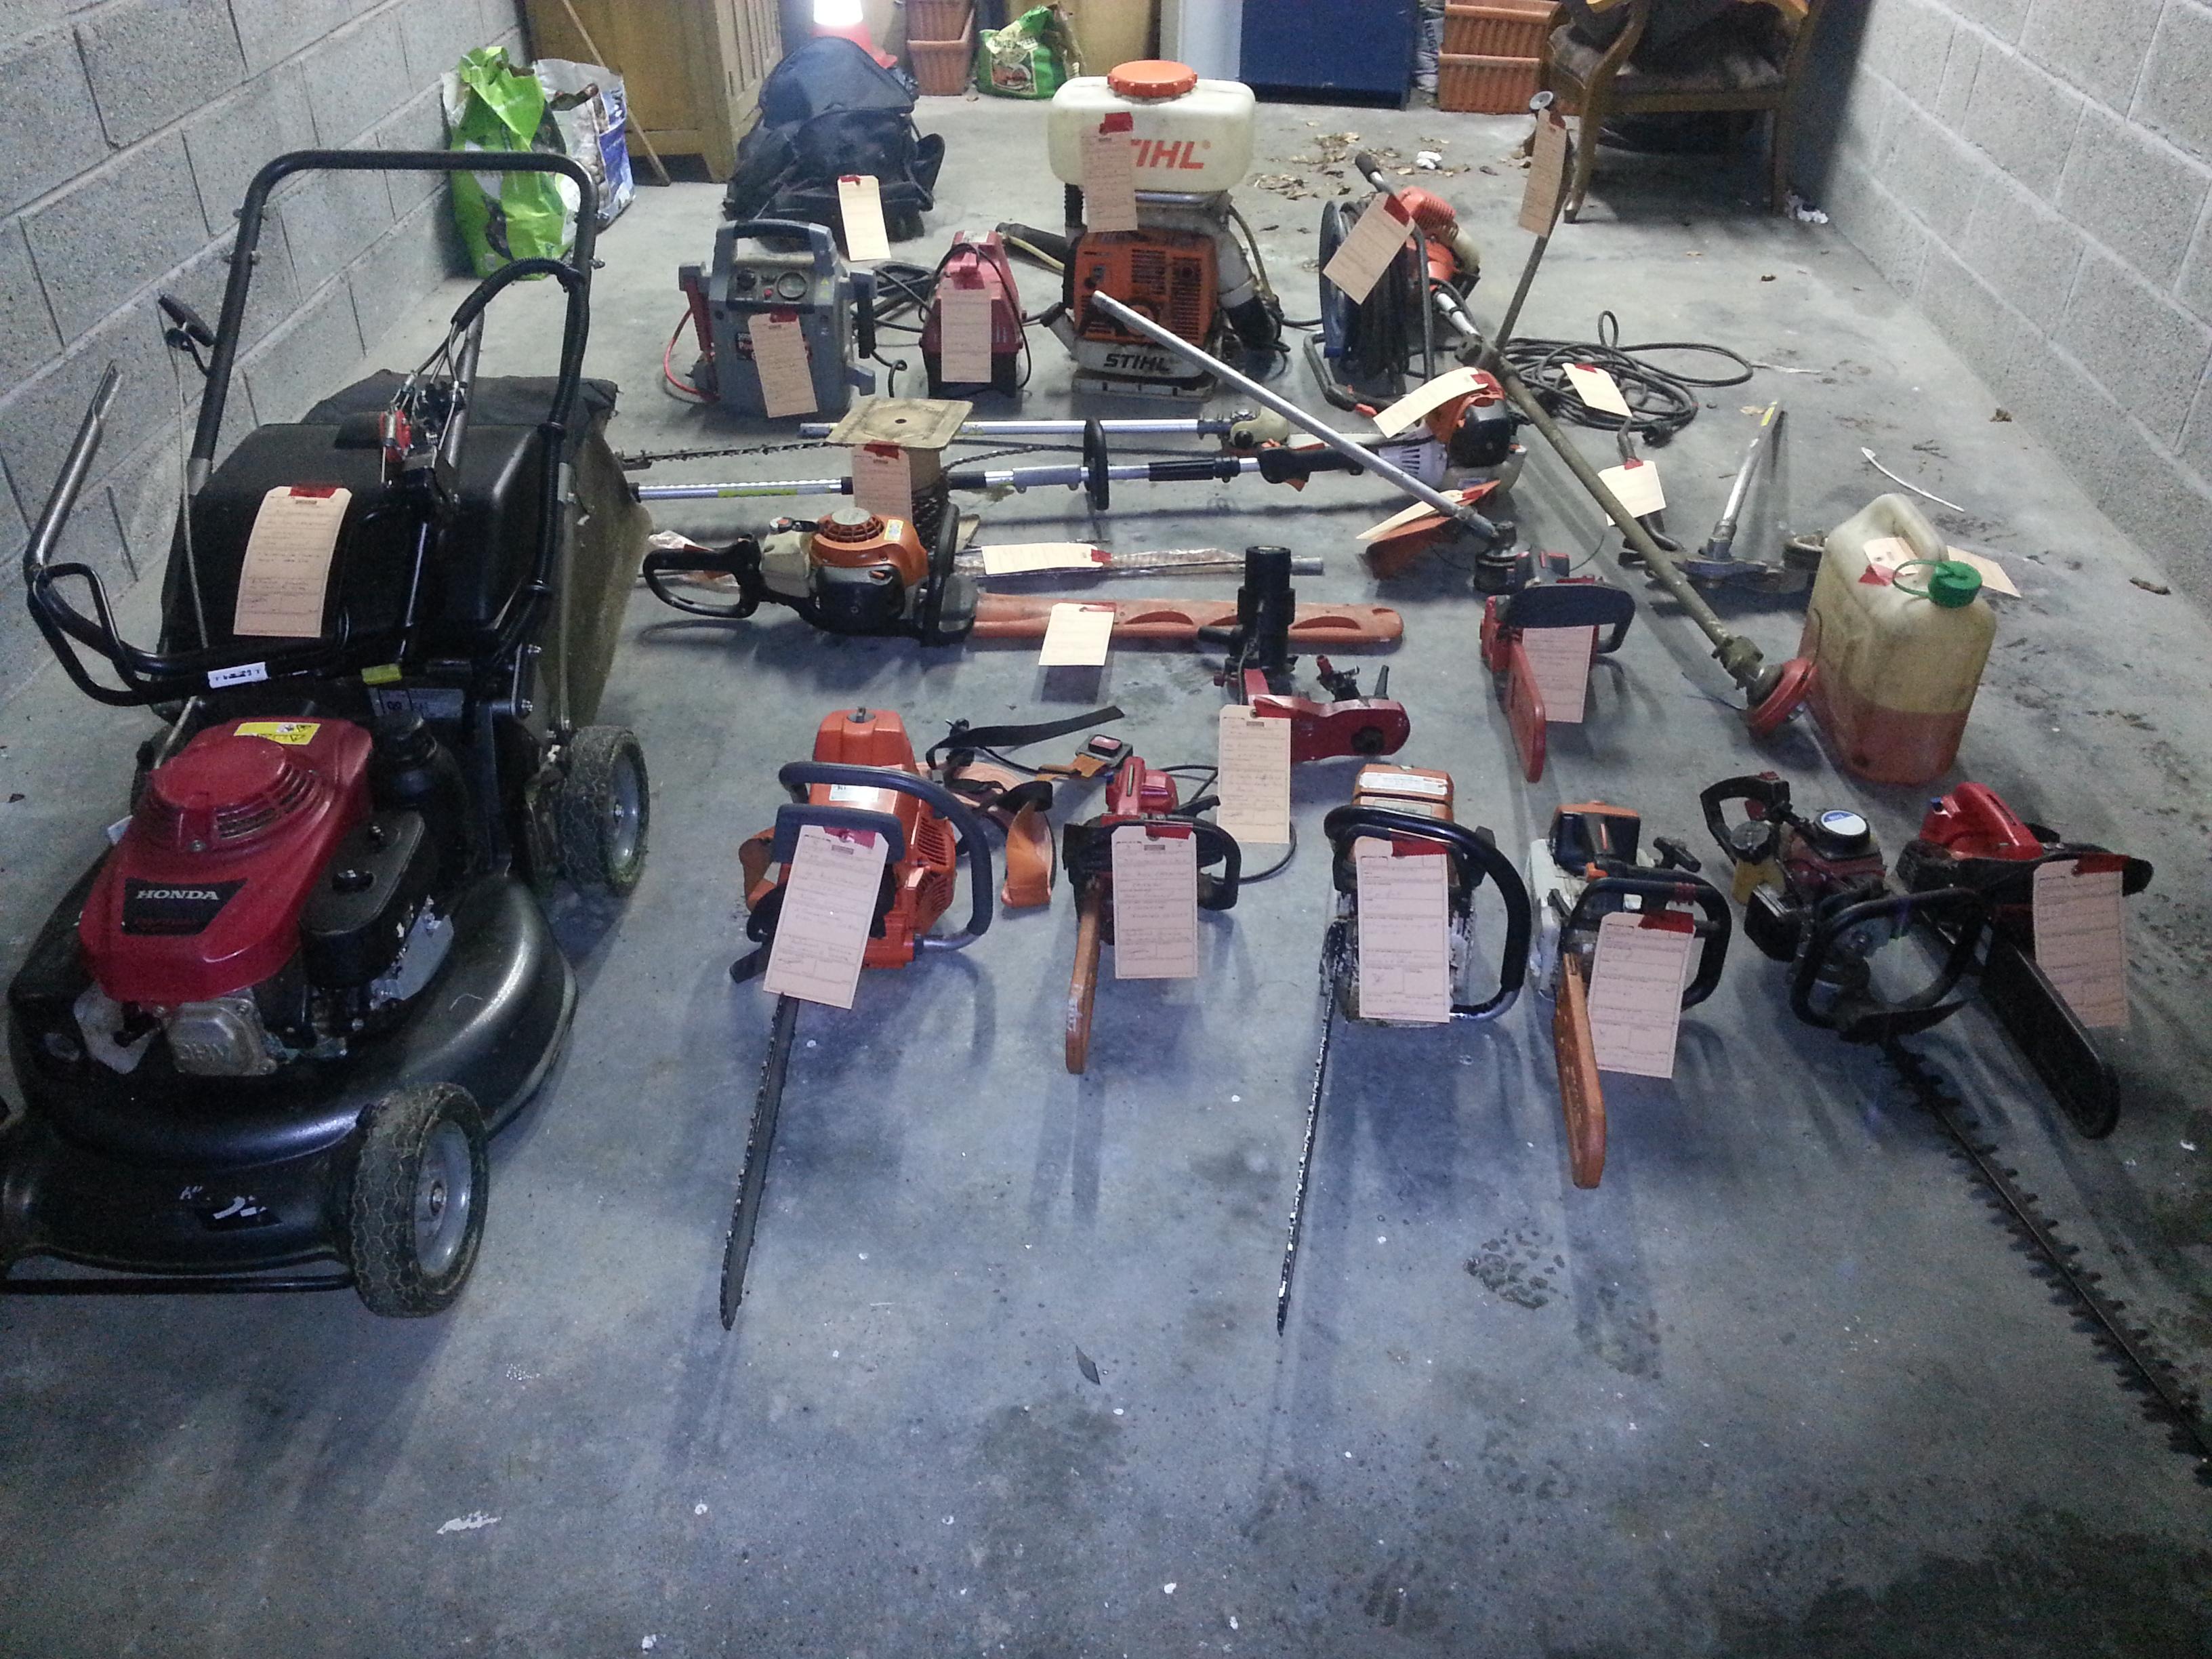 Le matériel volé a été restitué à l'EPISAJ de Bacqueville-en-Caux par les gendarmes